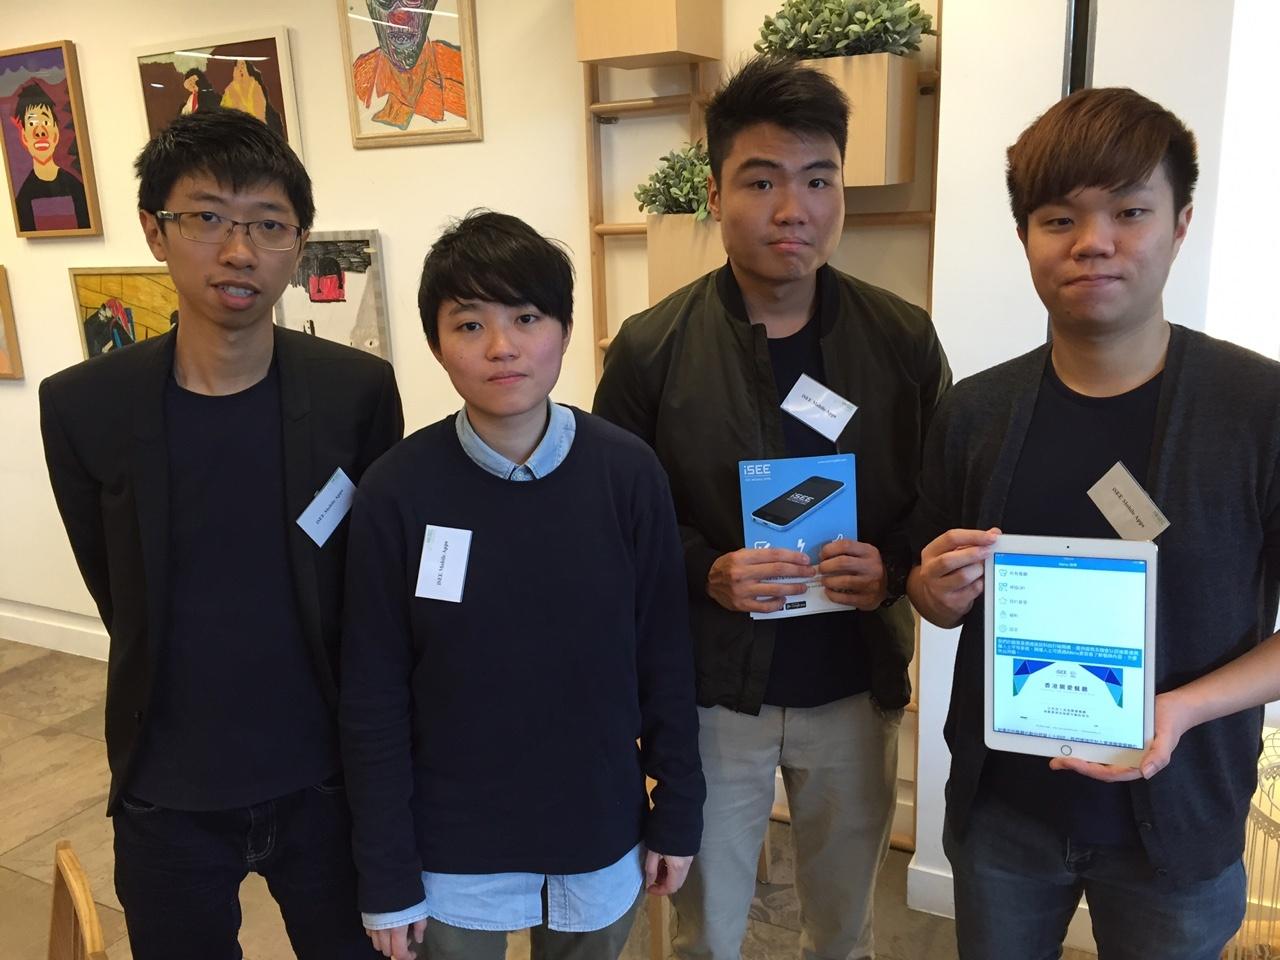 香港社企挑戰賽共有160隊參賽隊伍,iSee研發視障人士專用應用程式,成為其中一個冠軍隊伍。(王丹麟攝)